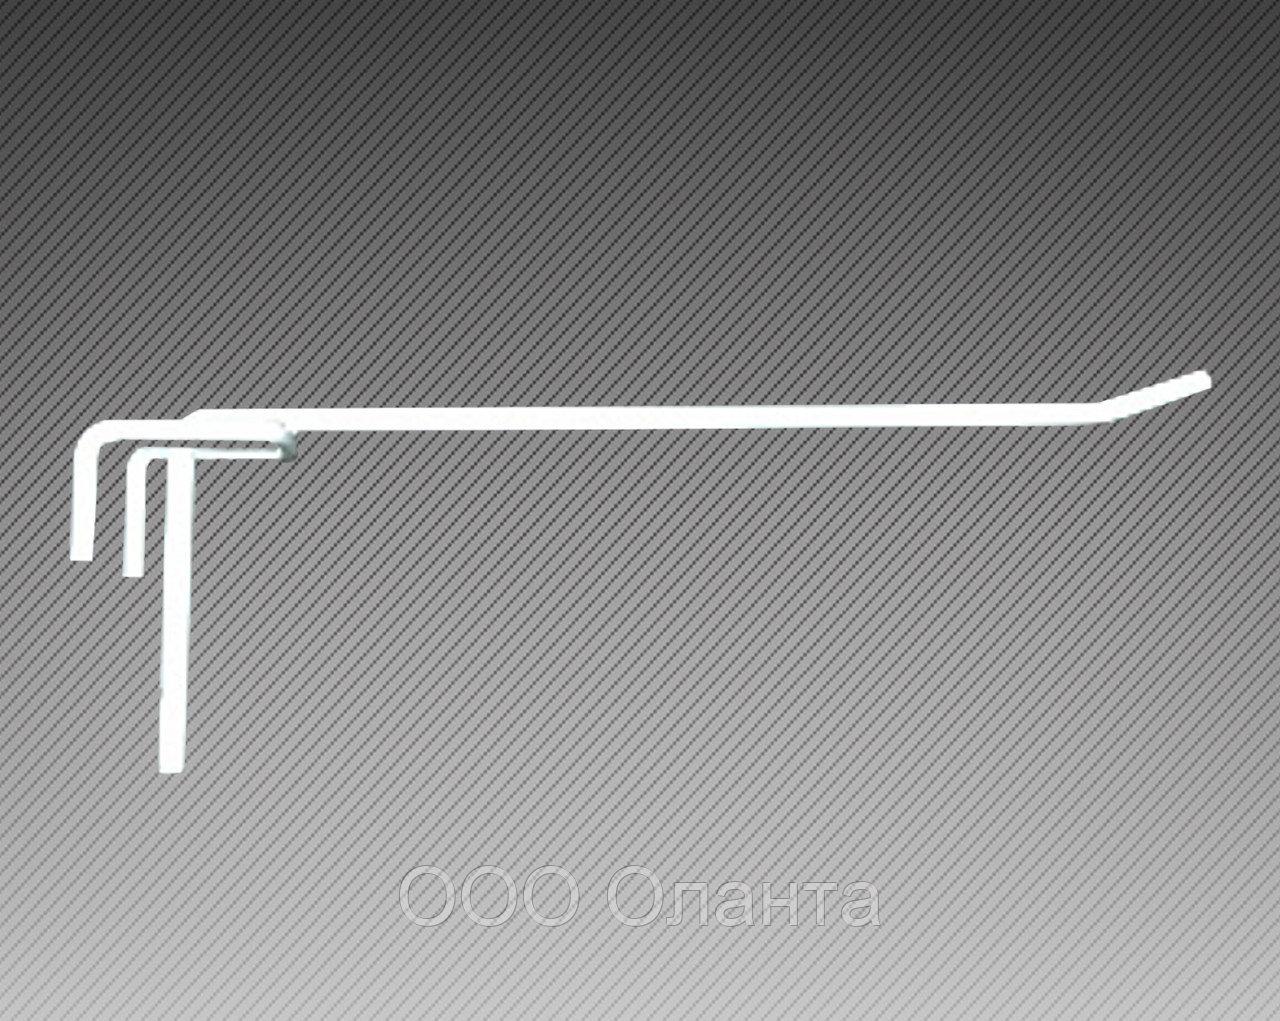 Крючок одинарный (L-150 мм) э/панель,сетка,перфорация